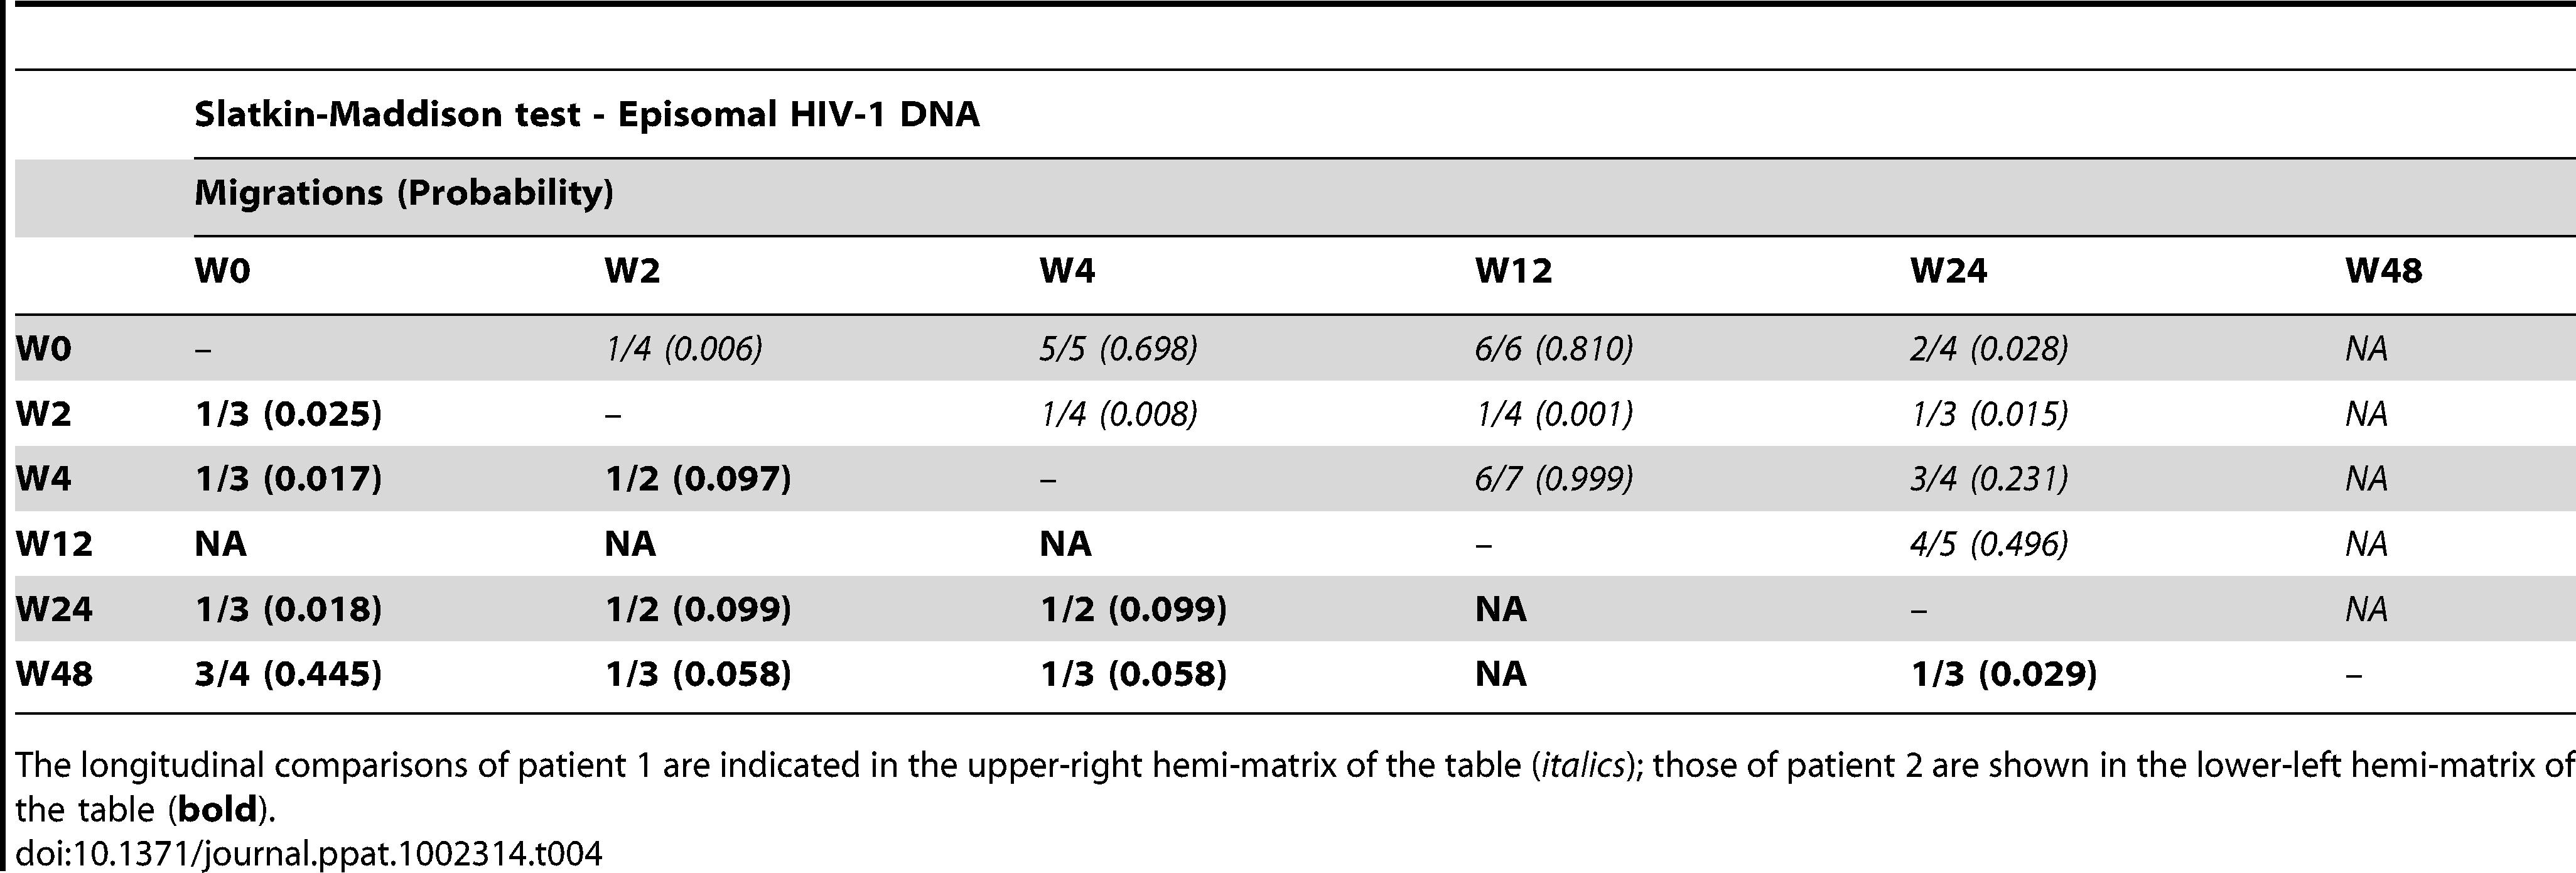 Temporal population structure: Slatkin-Maddison test for comparison between longitudinal episomal HIV-1 DNA.